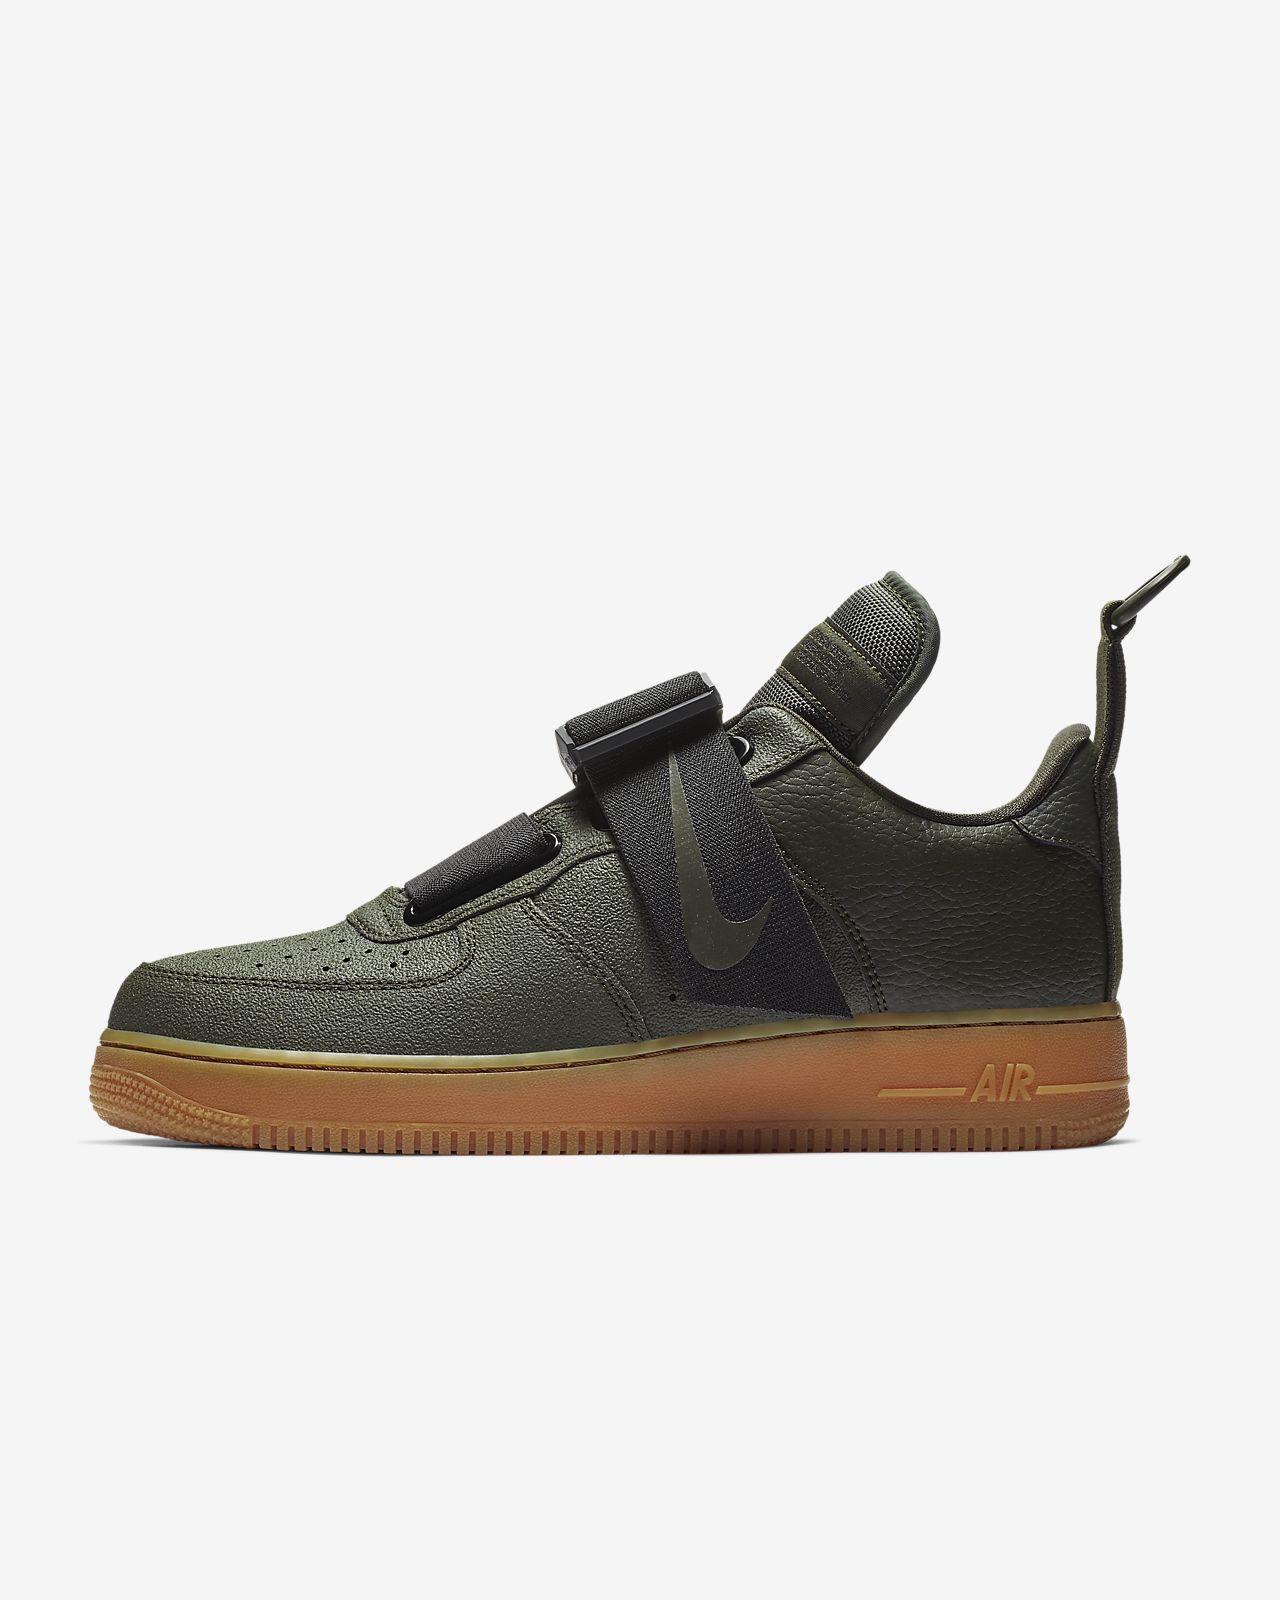 wholesale dealer 90a23 dea61 Nike Air Force 1 Utility sko til herre